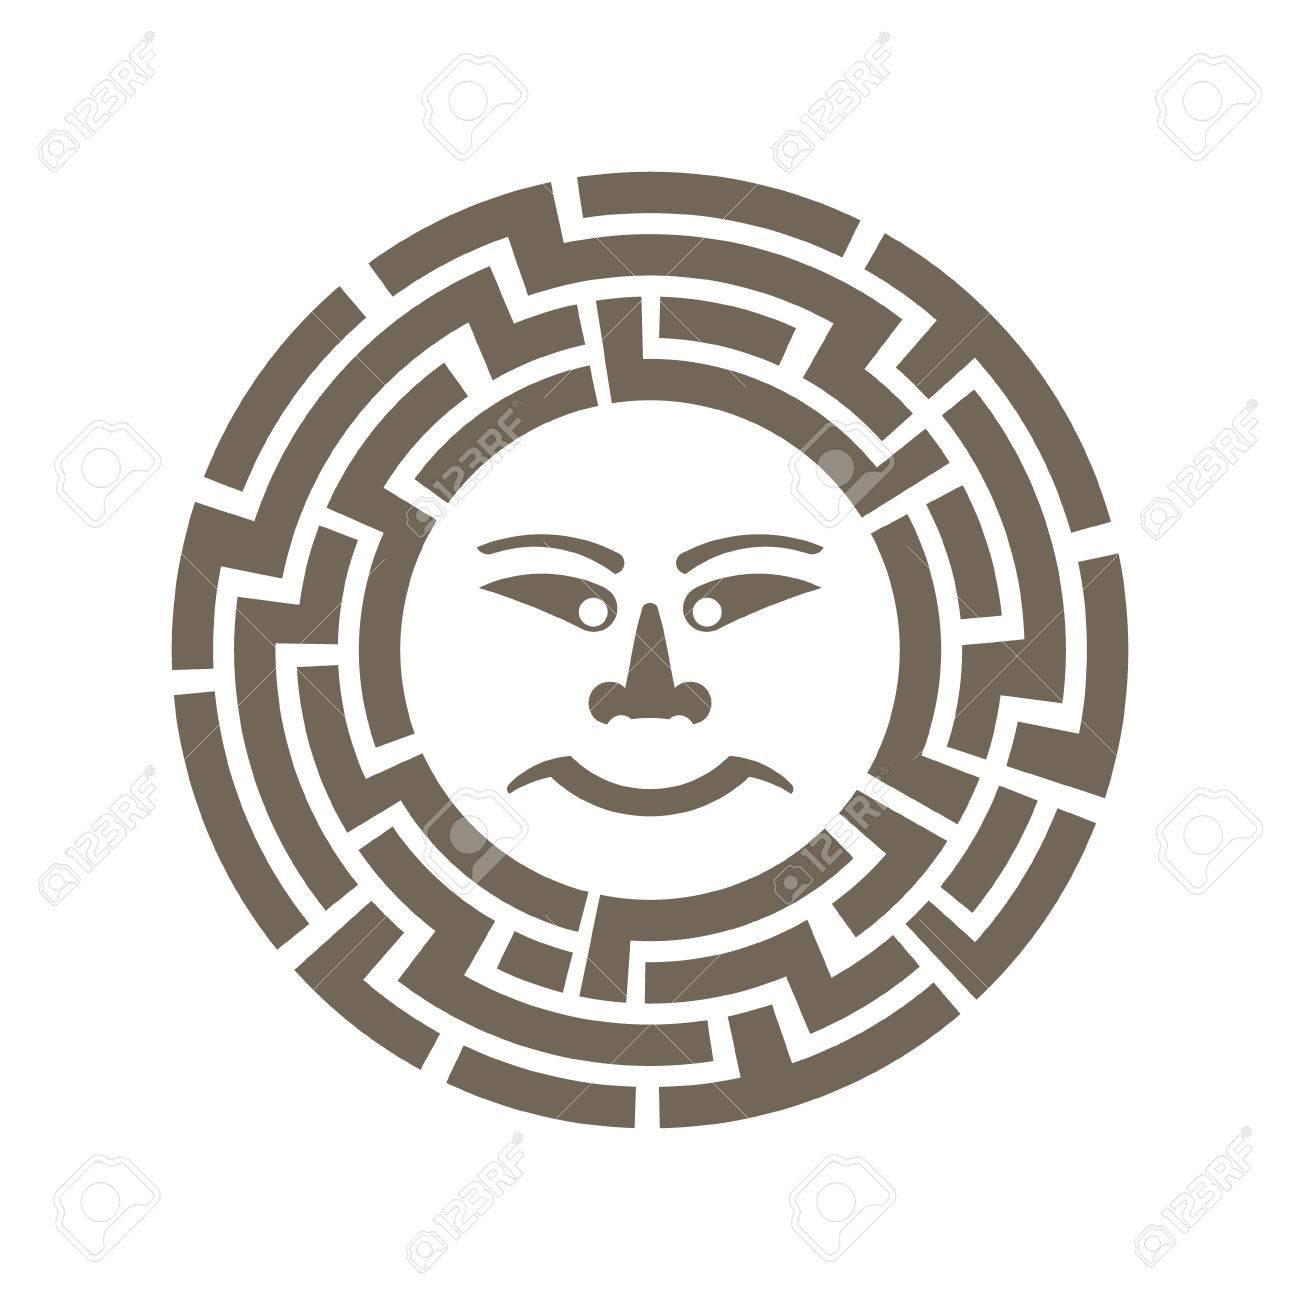 弥生太陽象形文字のイラスト素材ベクタ Image 56478694